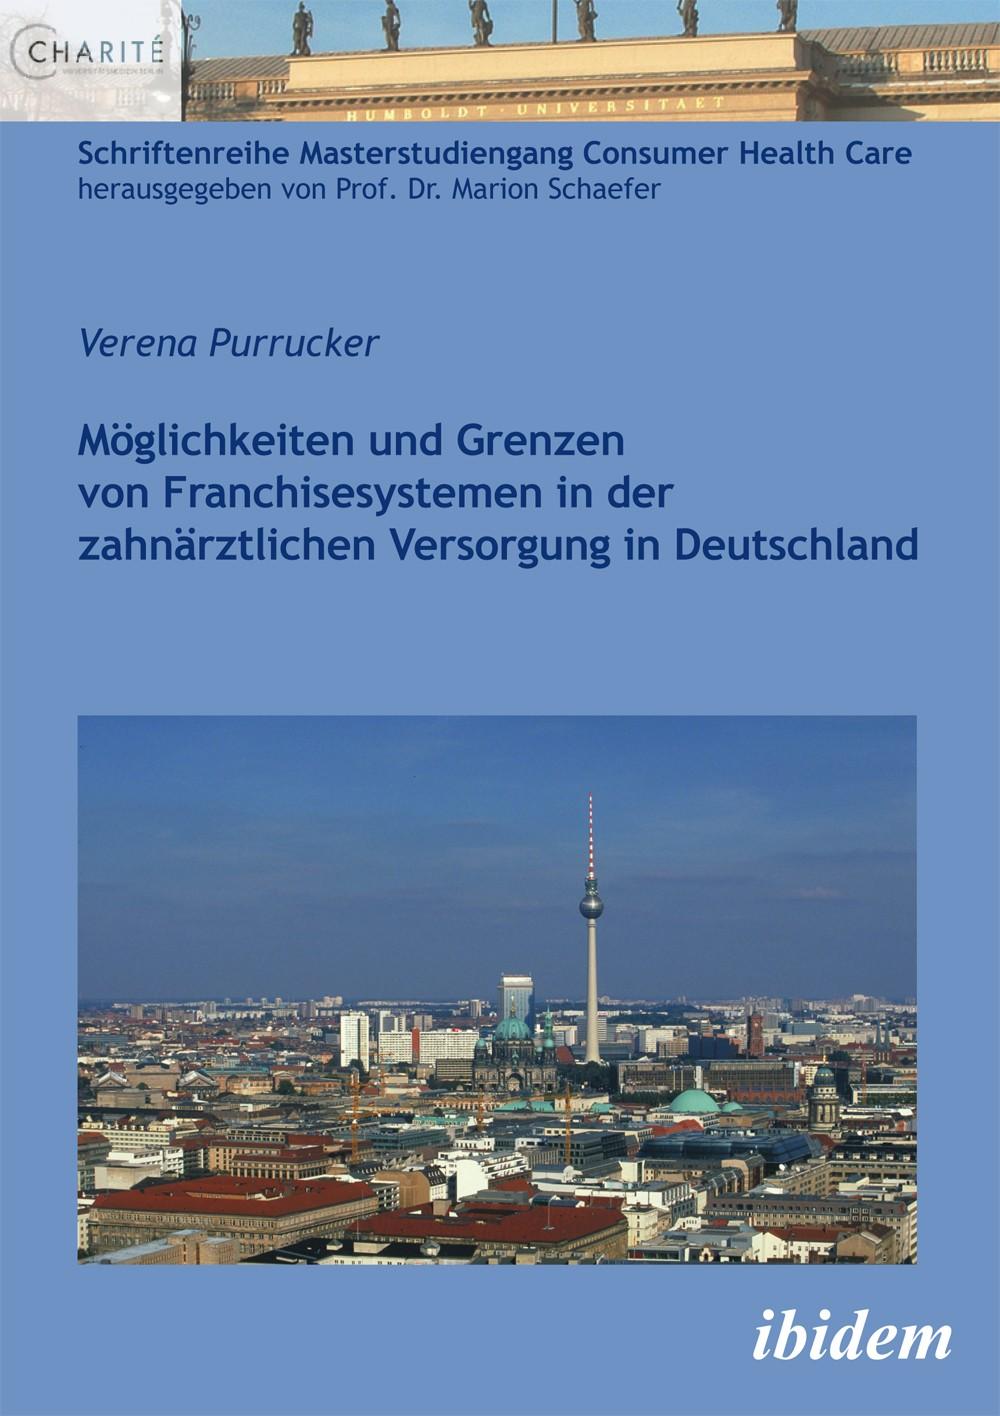 Möglichkeiten und Grenzen von Franchisesystemen in der zahnärztlichen Versorgung in Deutschland